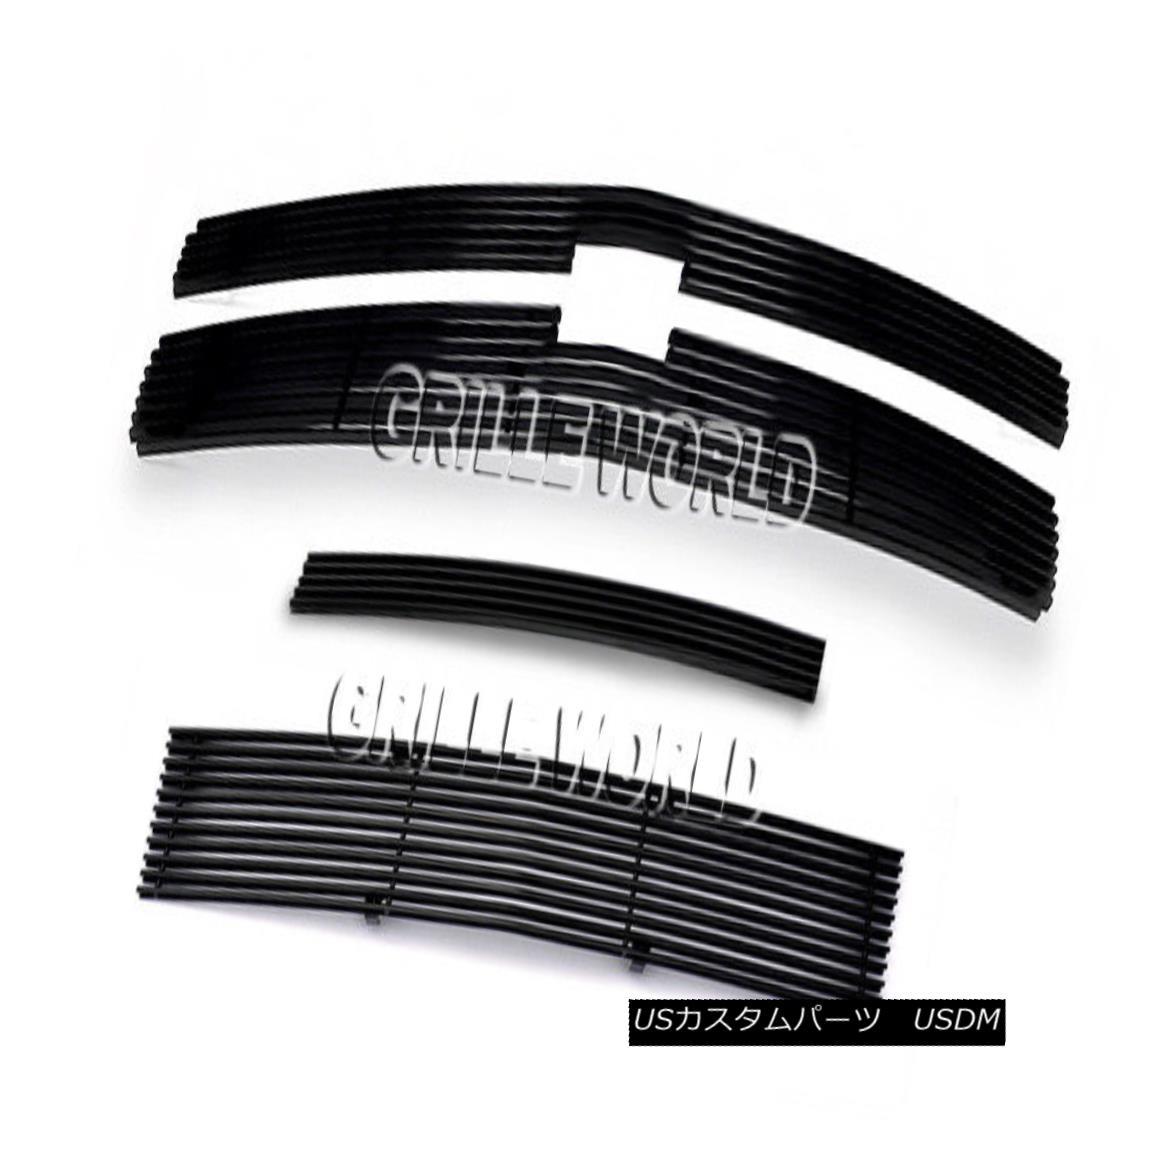 グリル For 2007-2012 Chevy Silverado 1500 Black Billet Premium Grille Grill Combo 2007 - 2012年シボレーシルバラード1500ブラックビレットプレミアムグリルグリルコンボ